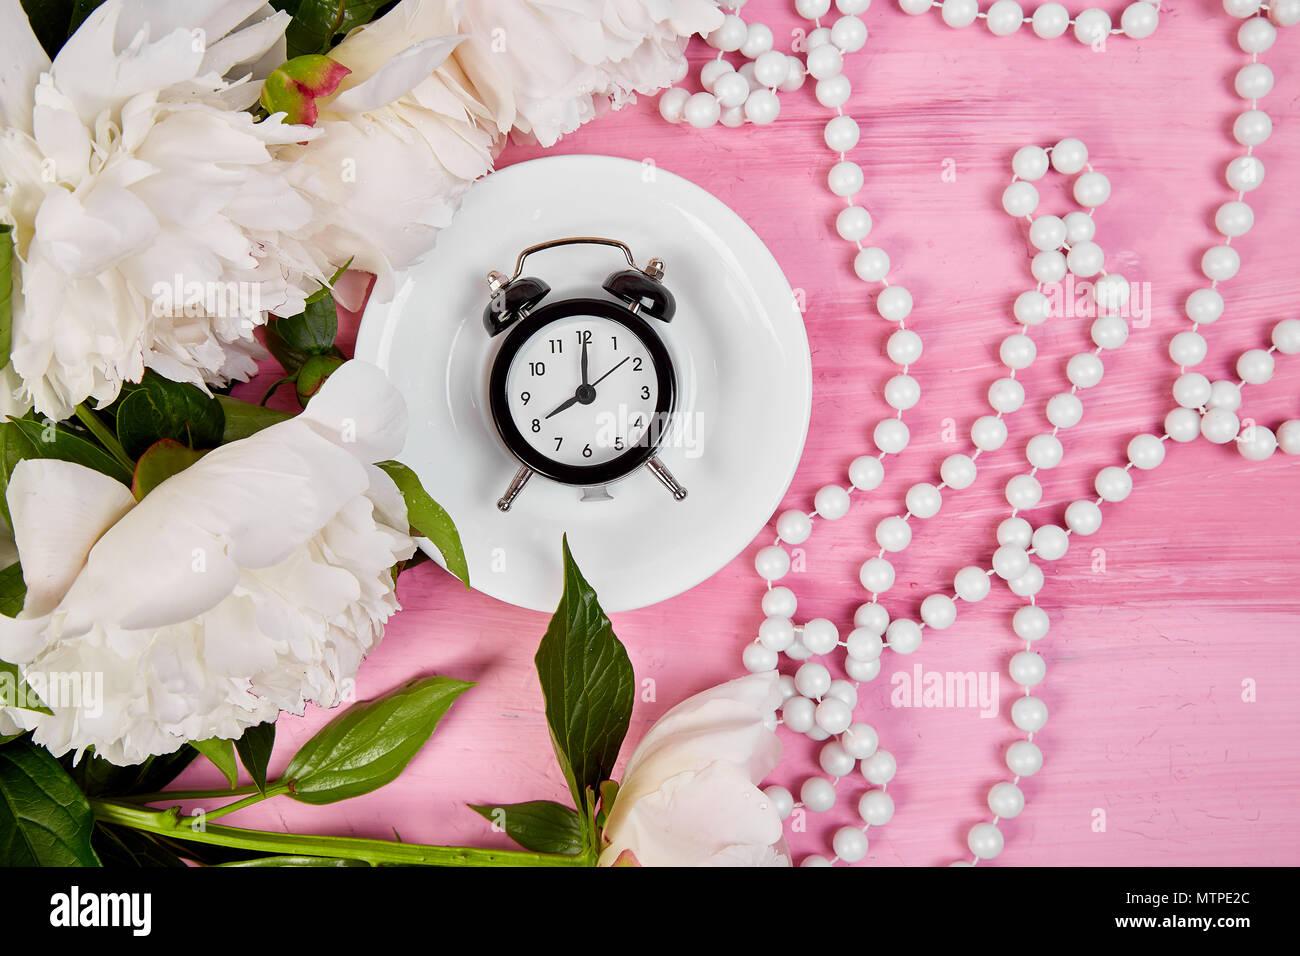 Guten Morgen Tee Wecker Und Blumenstrauß Weiße Pfingstrose